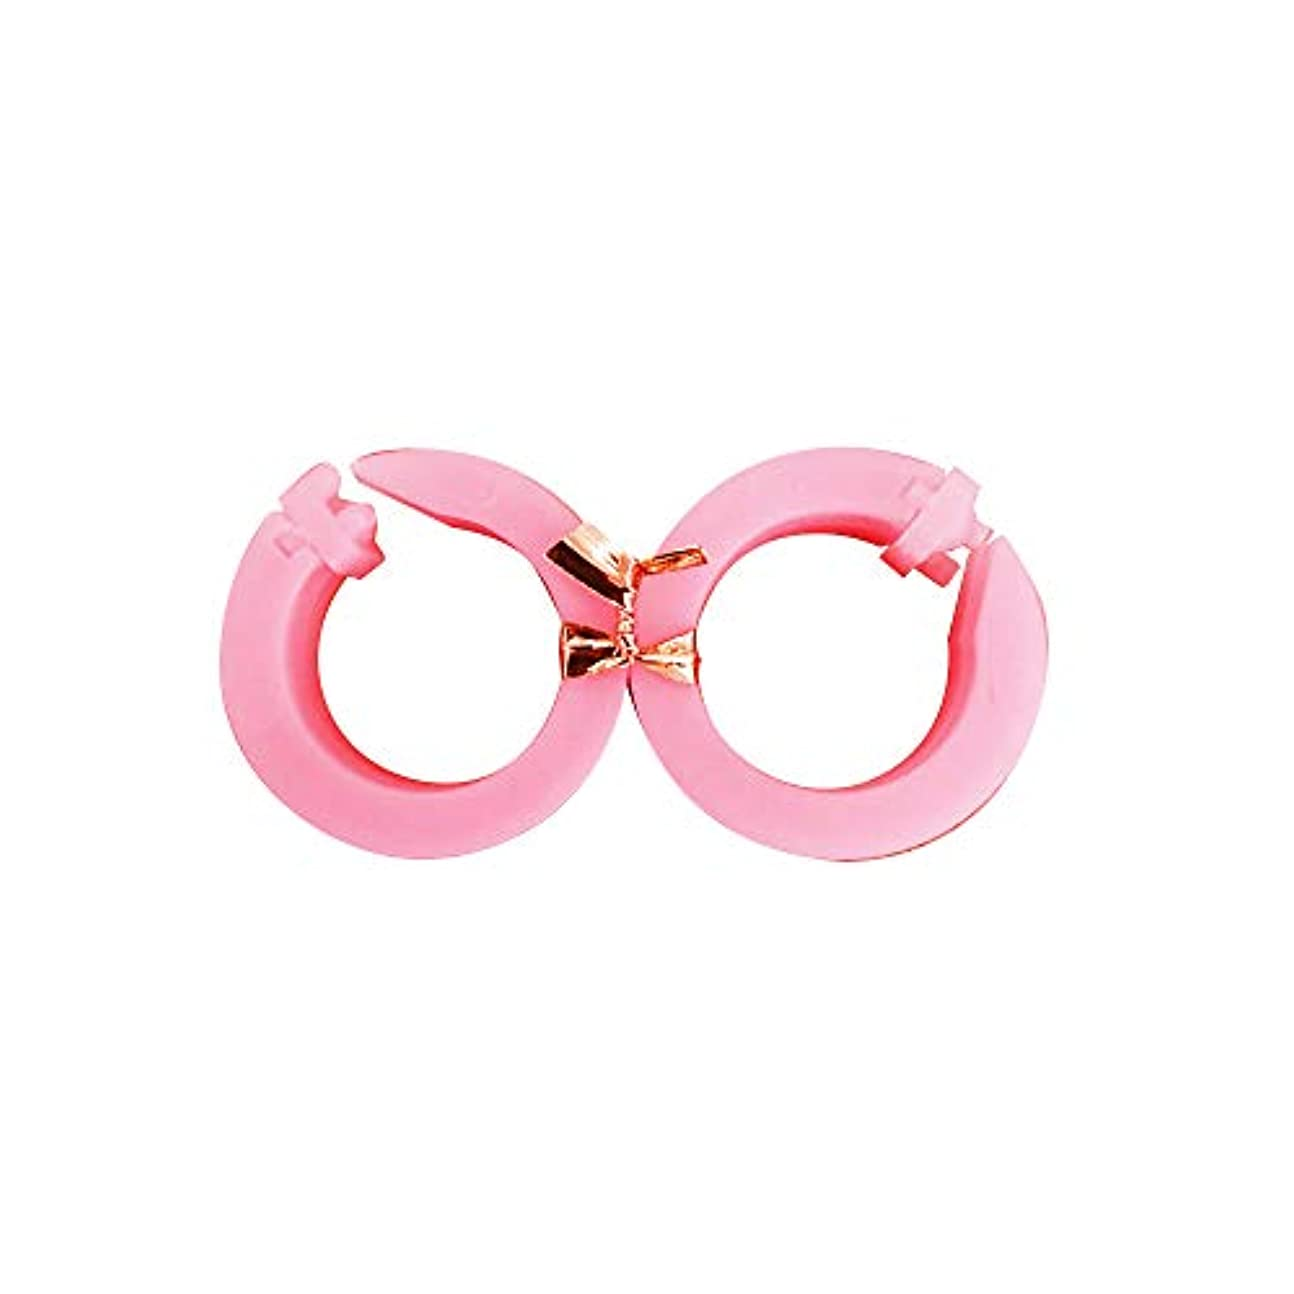 溶かすキモいずっと【サフランフィールド】 耳つぼ ダイエットリング 美容 耳つぼ美人 ピンク